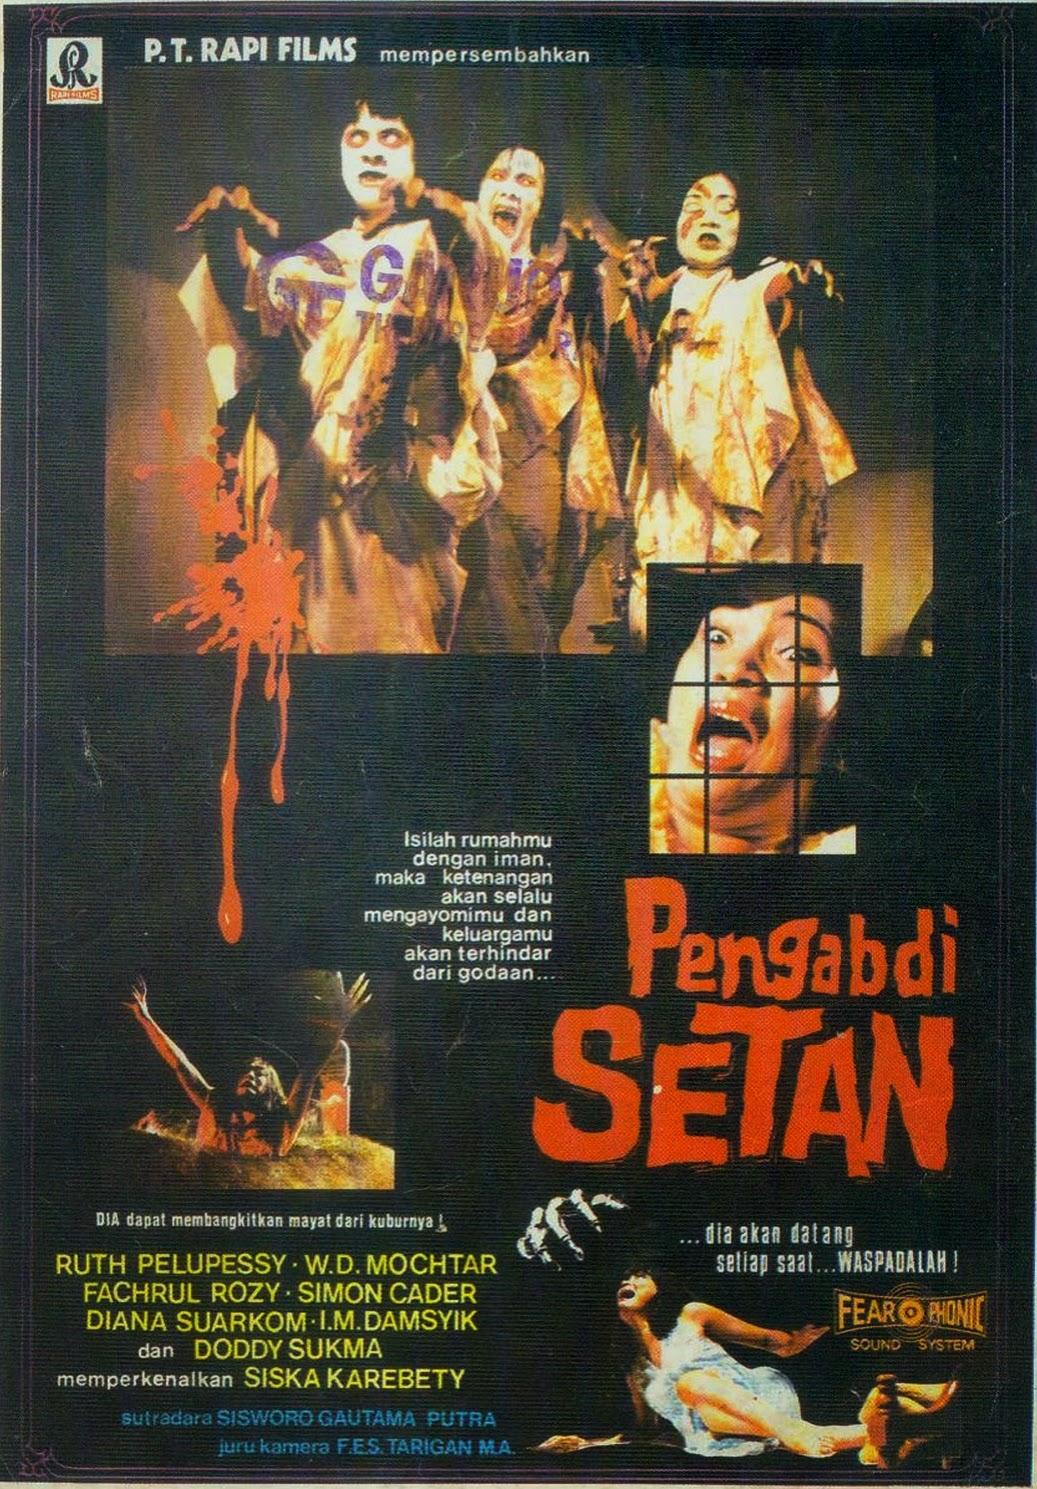 pengabdi setan 1980 review